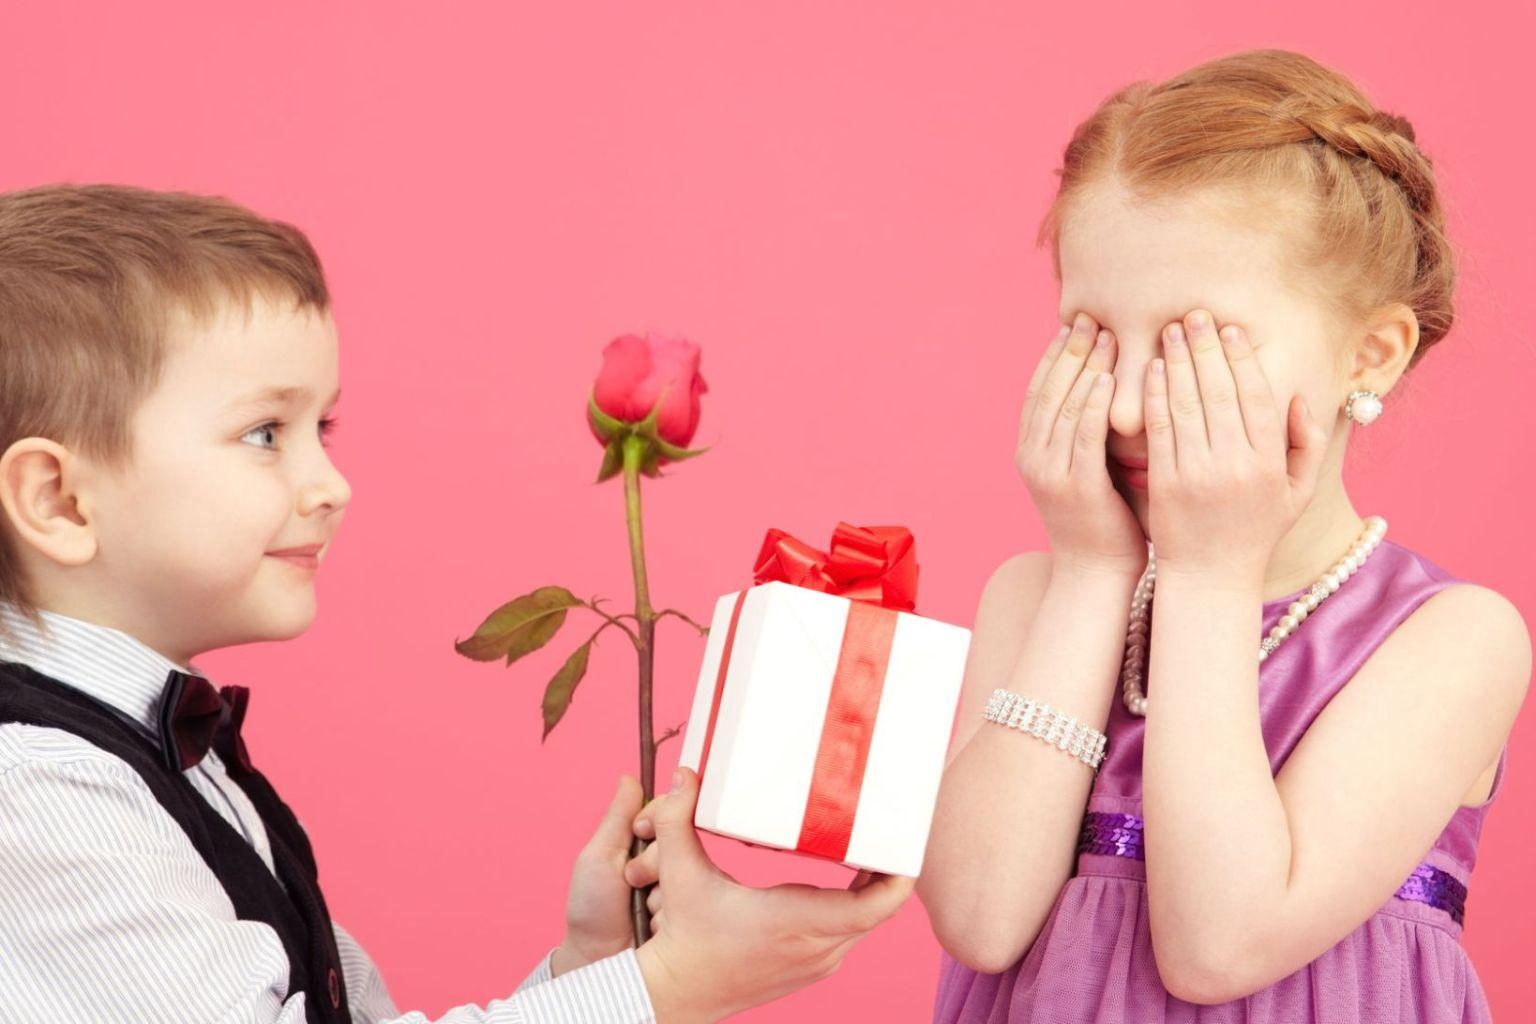 絶対に喜ばれる!男女共にもらって嬉しいプレゼントとは?